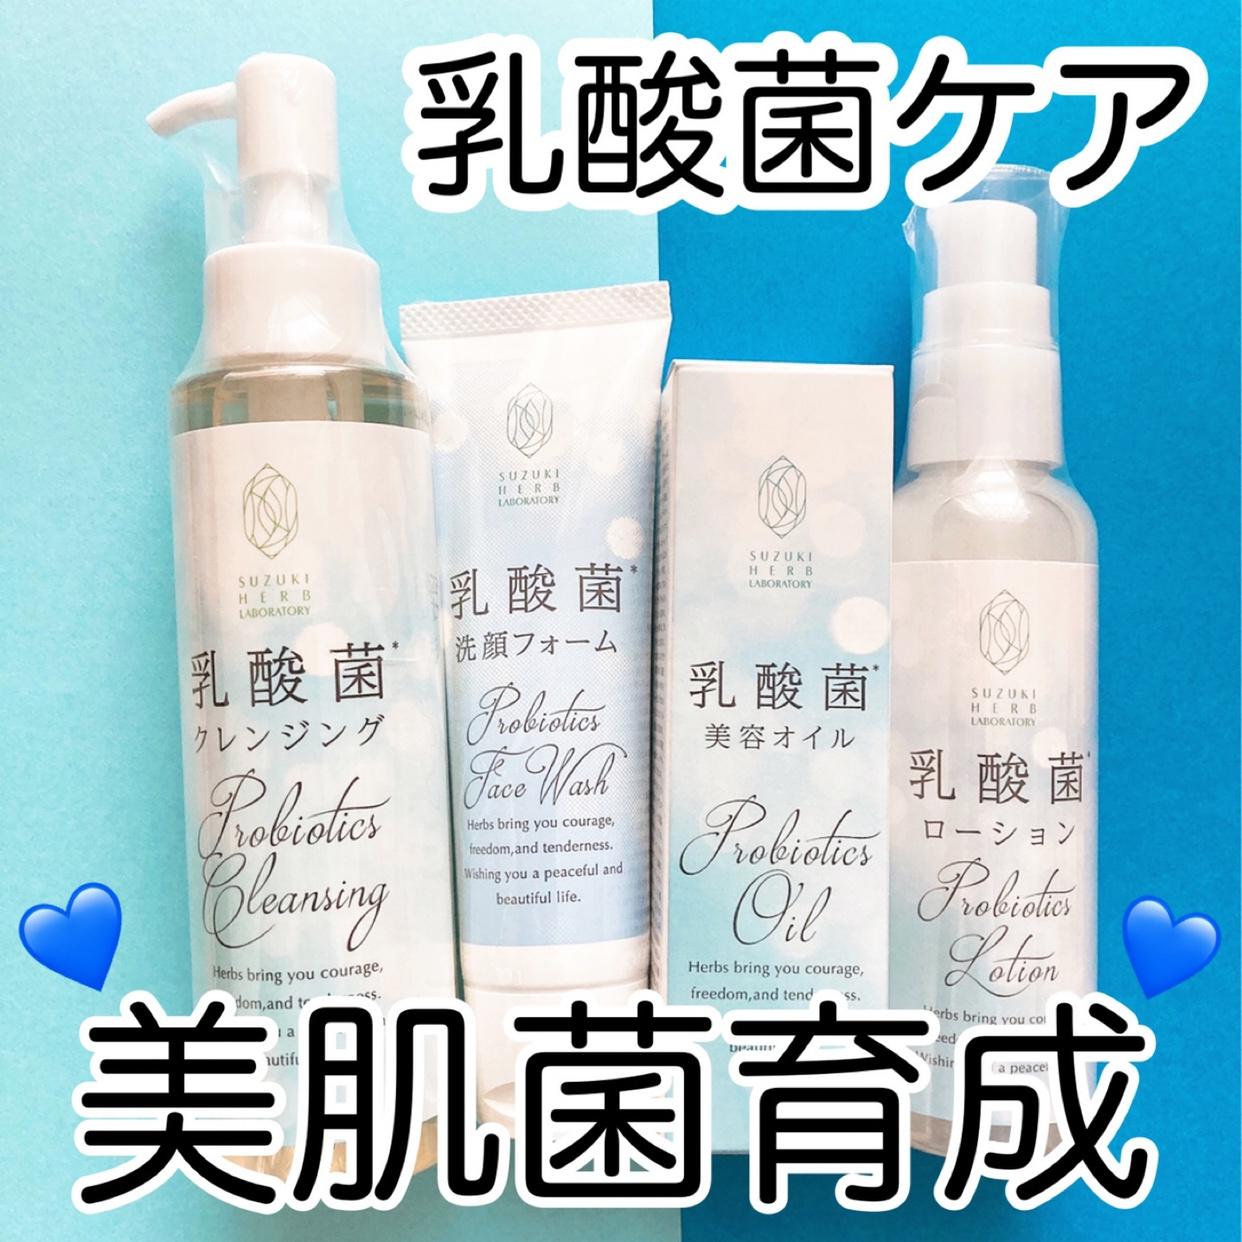 鈴木ハーブ研究所乳酸菌 美容オイルを使ったyunaさんのクチコミ画像3